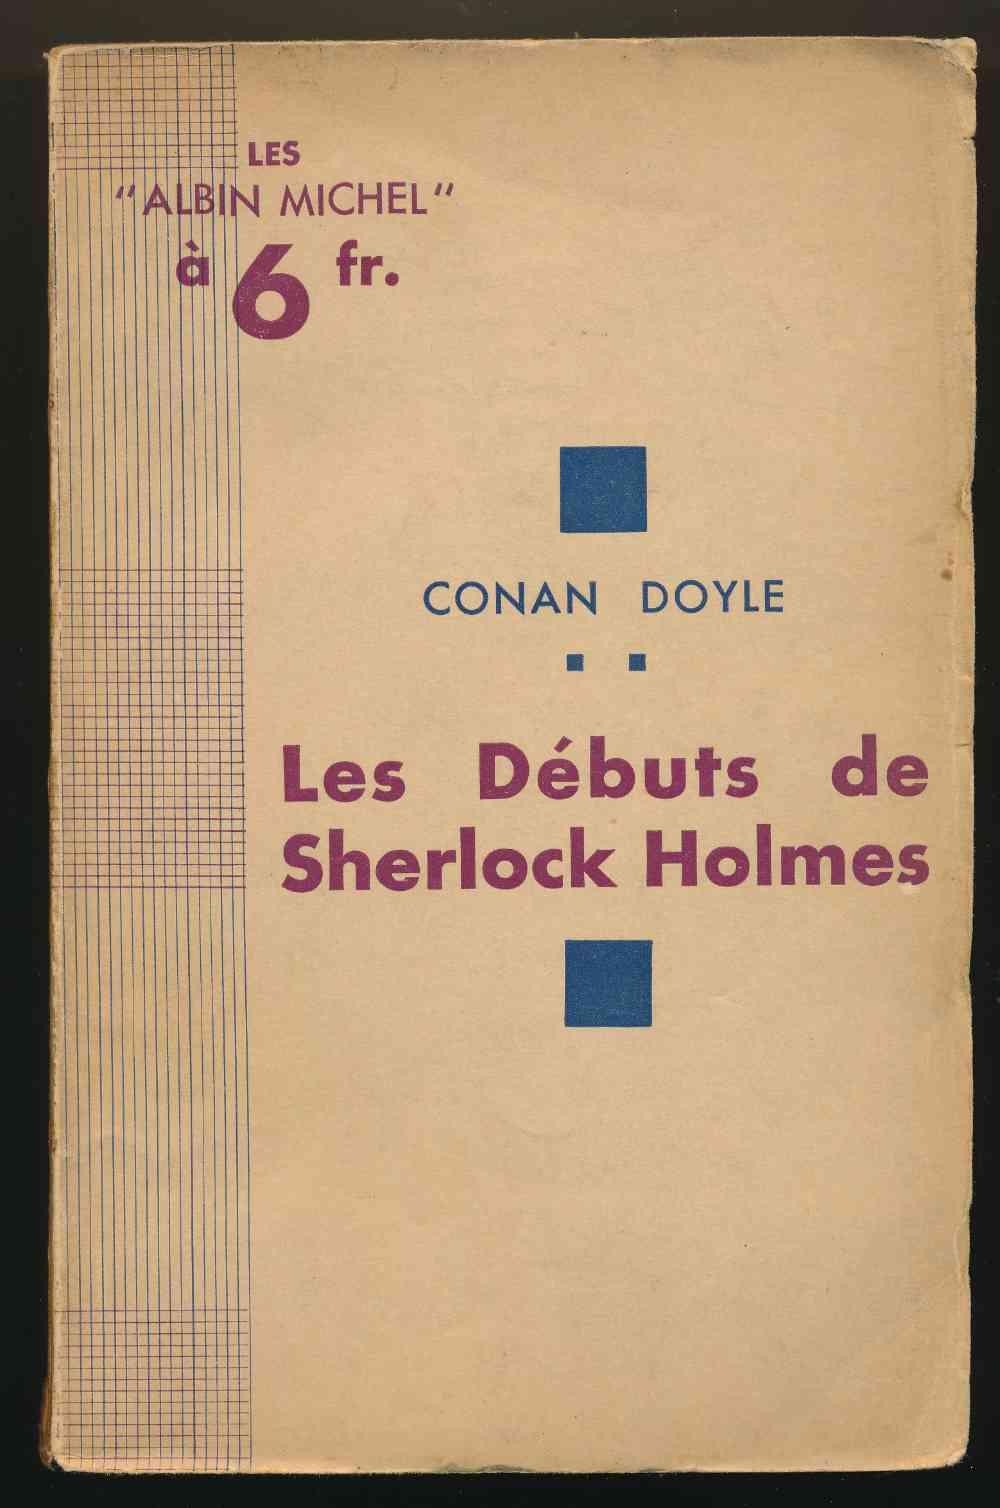 Les débuts de Sherlock Holmes